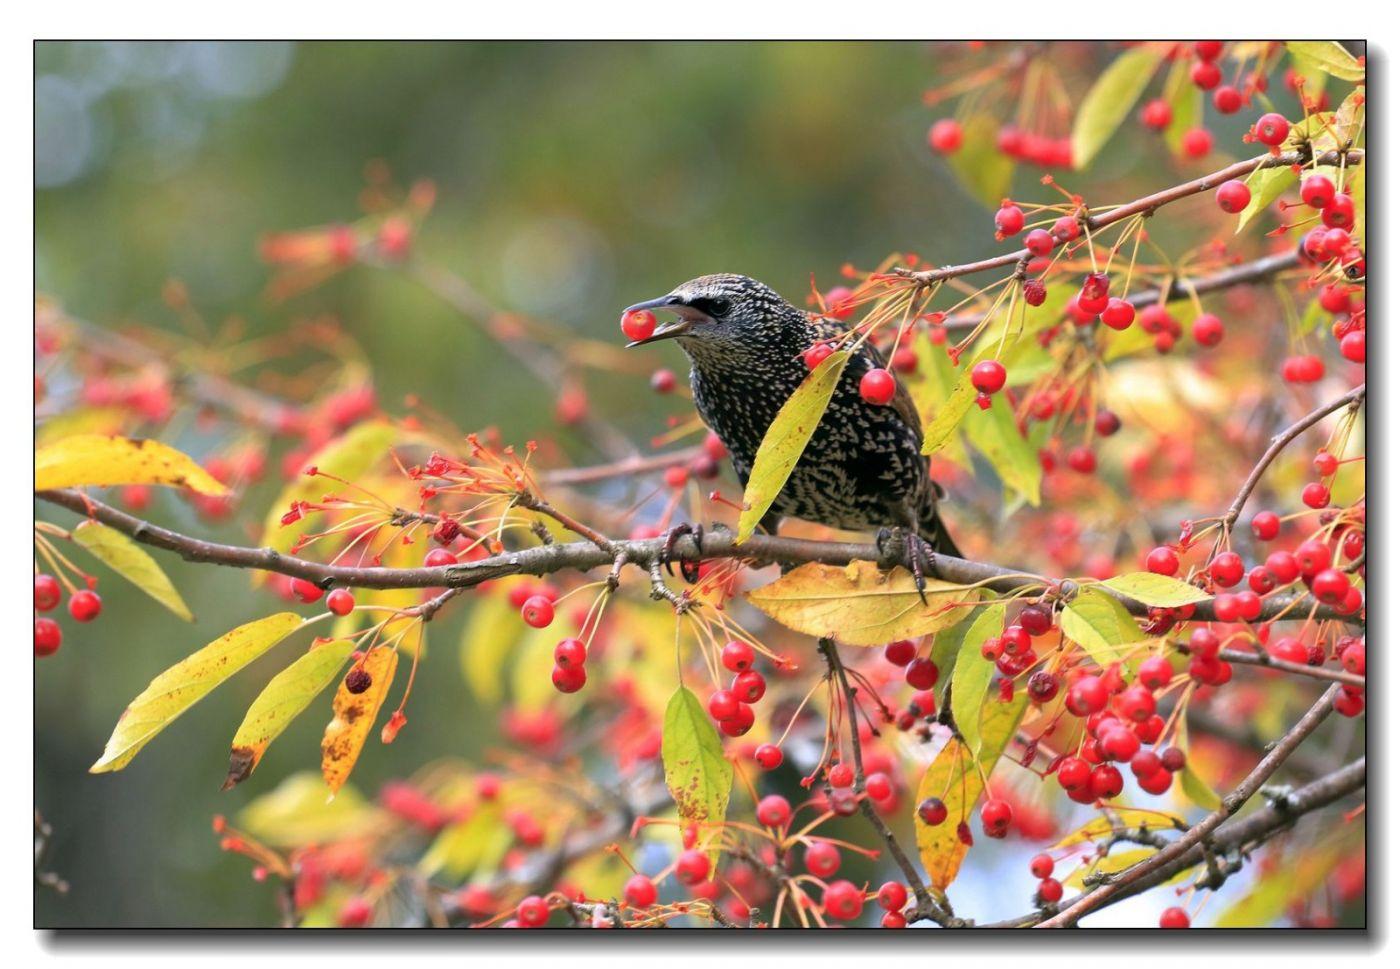 果熟鸟来图-紫翅椋鸟_图1-11